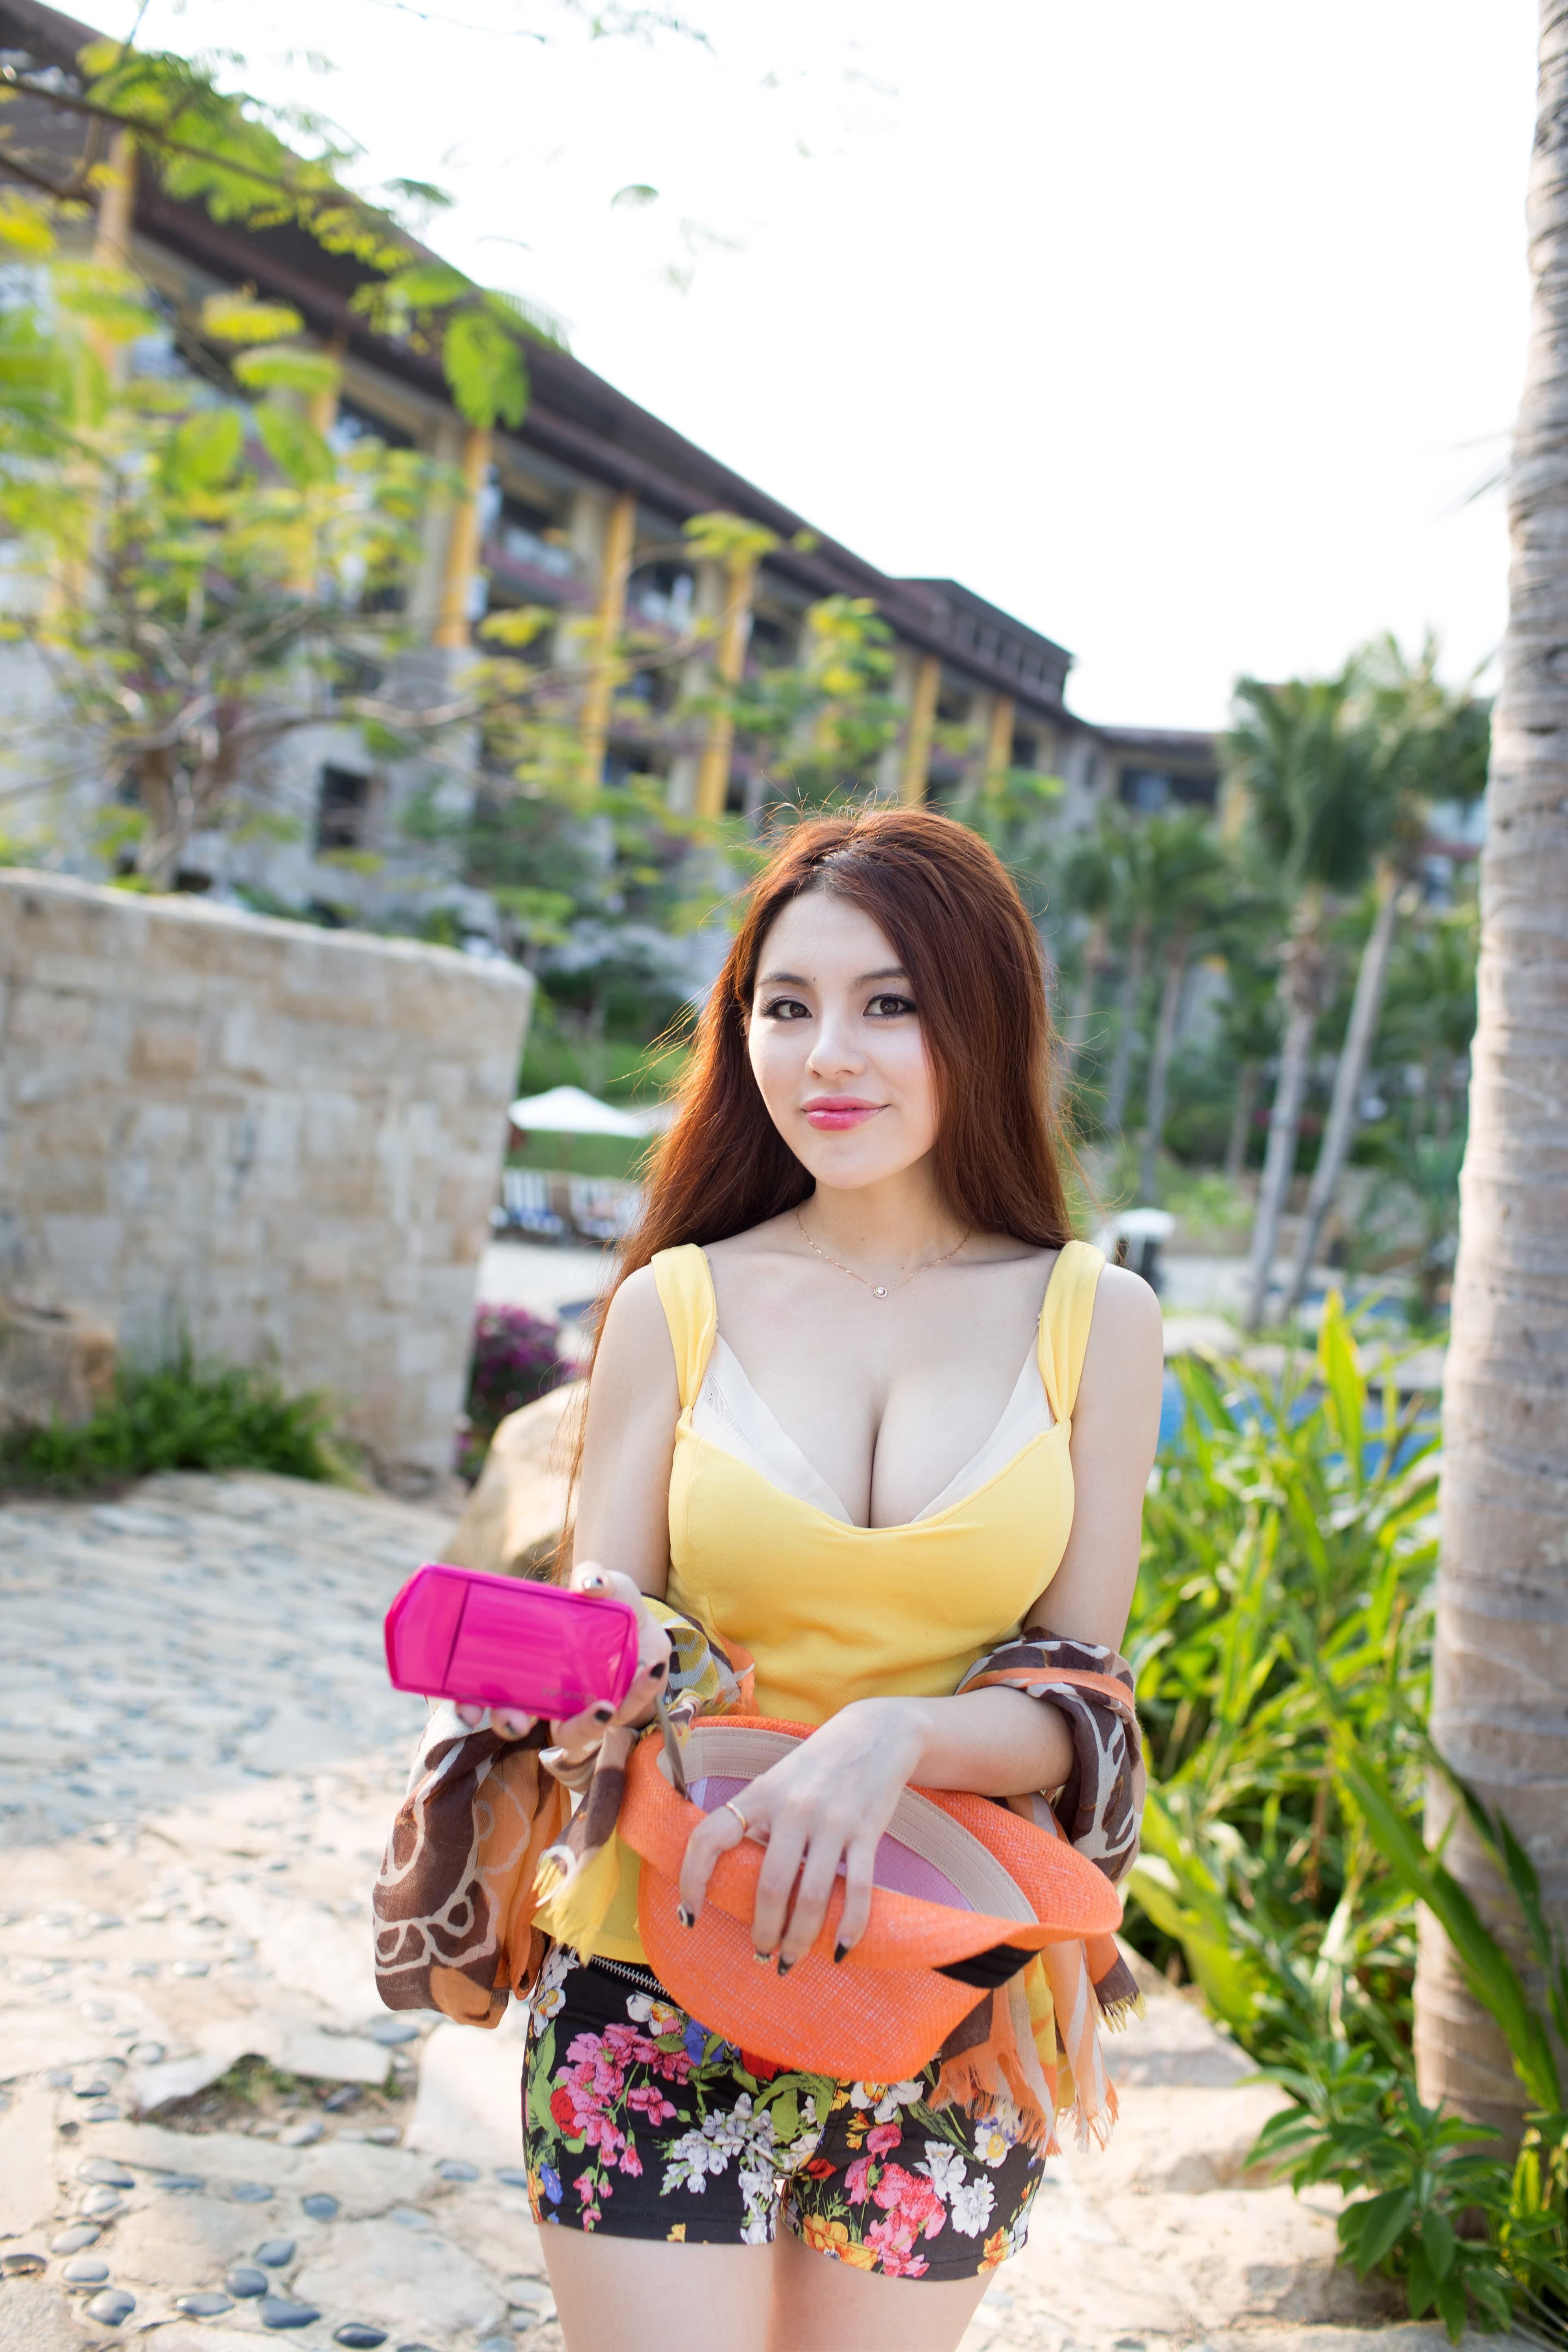 Zhao Wei Yi Iphone Sexy Wallpapers